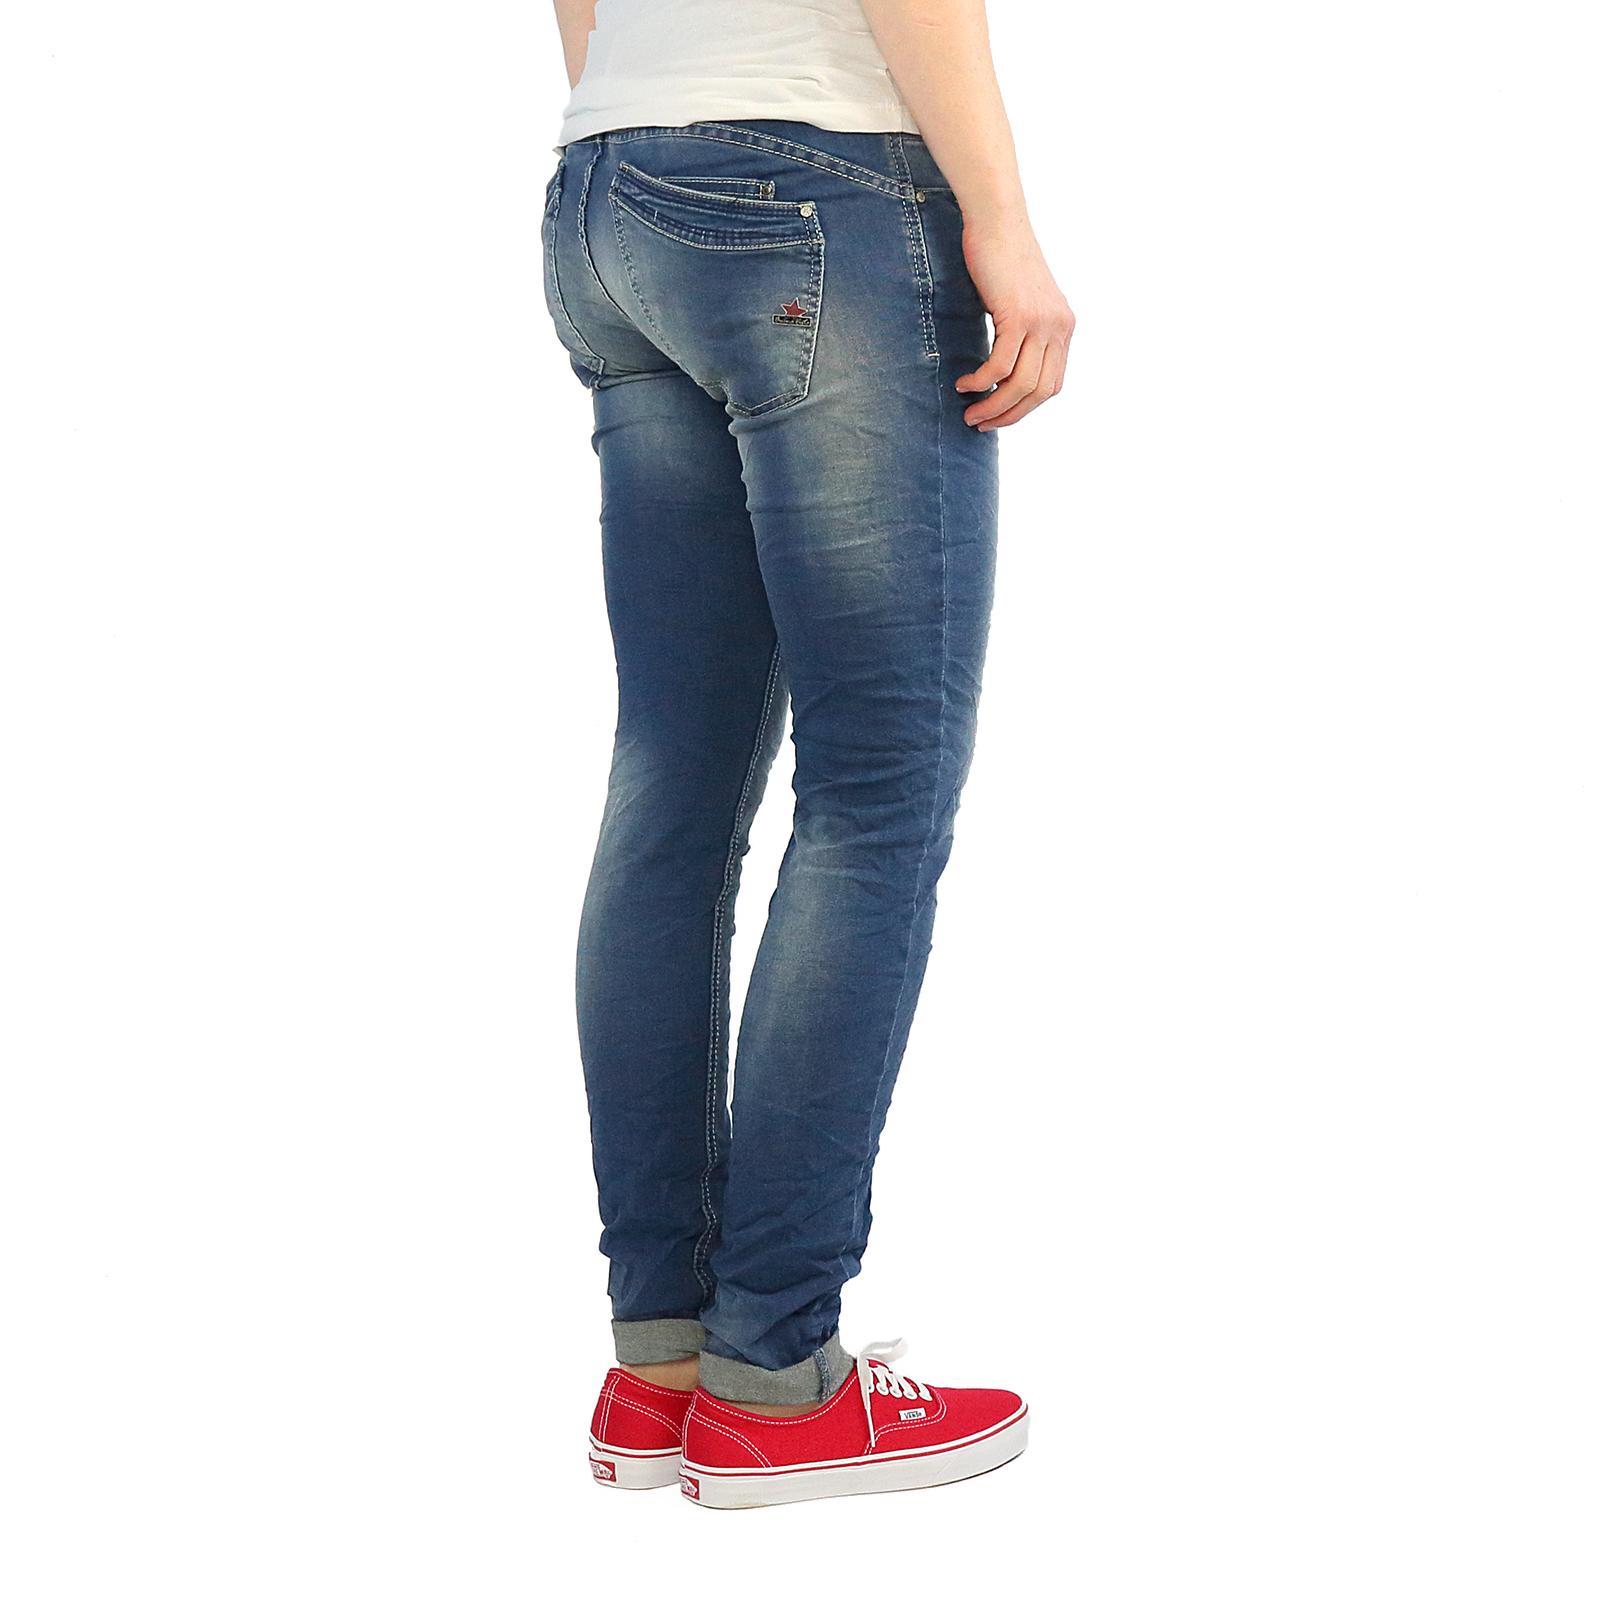 buena vista jeans damen klicken sie auf ein bild um es zu. Black Bedroom Furniture Sets. Home Design Ideas